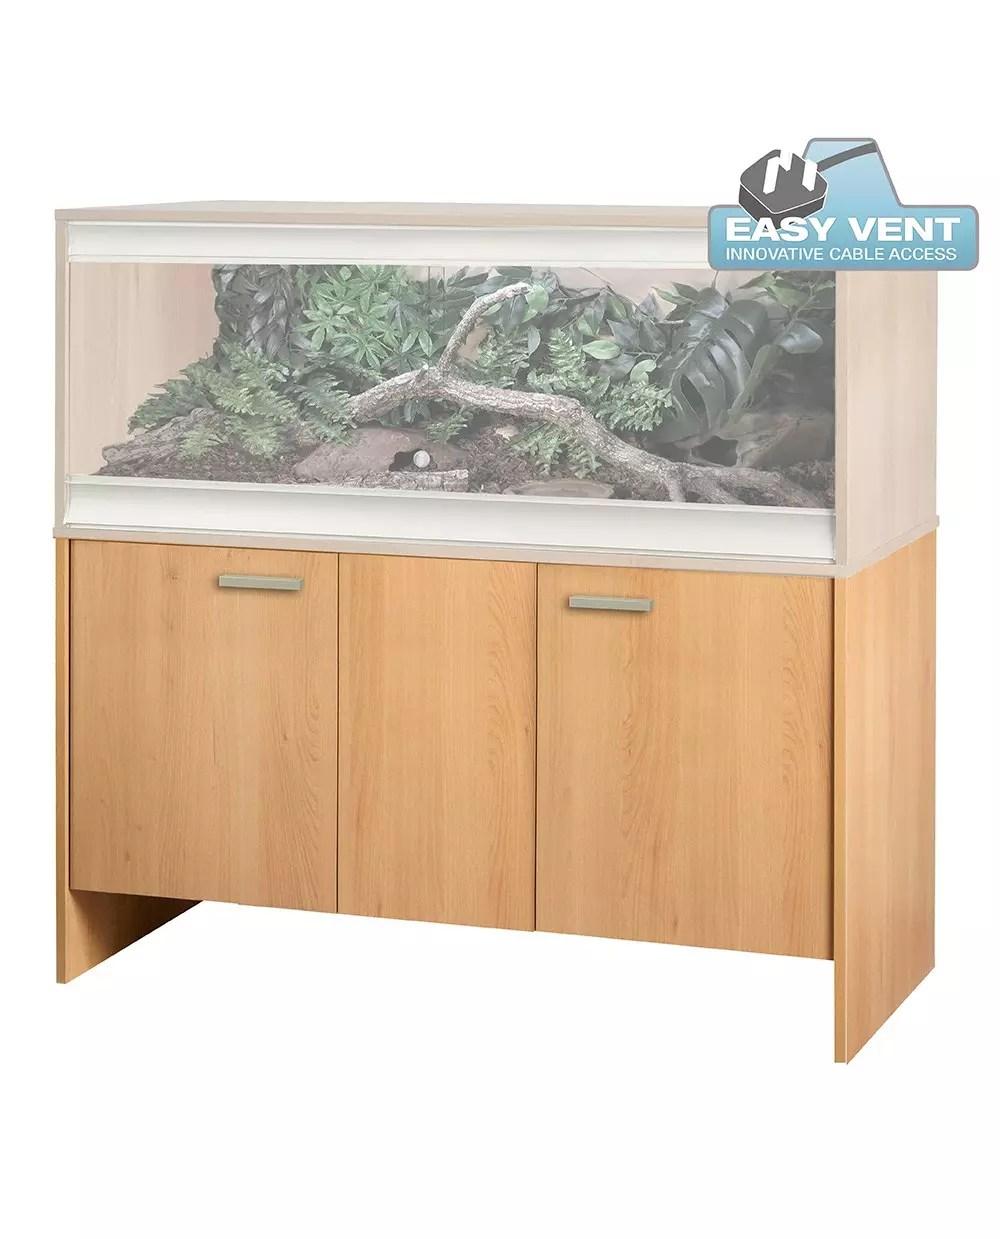 Vivexotic Viva Large Deep Vivarium And Cabinet